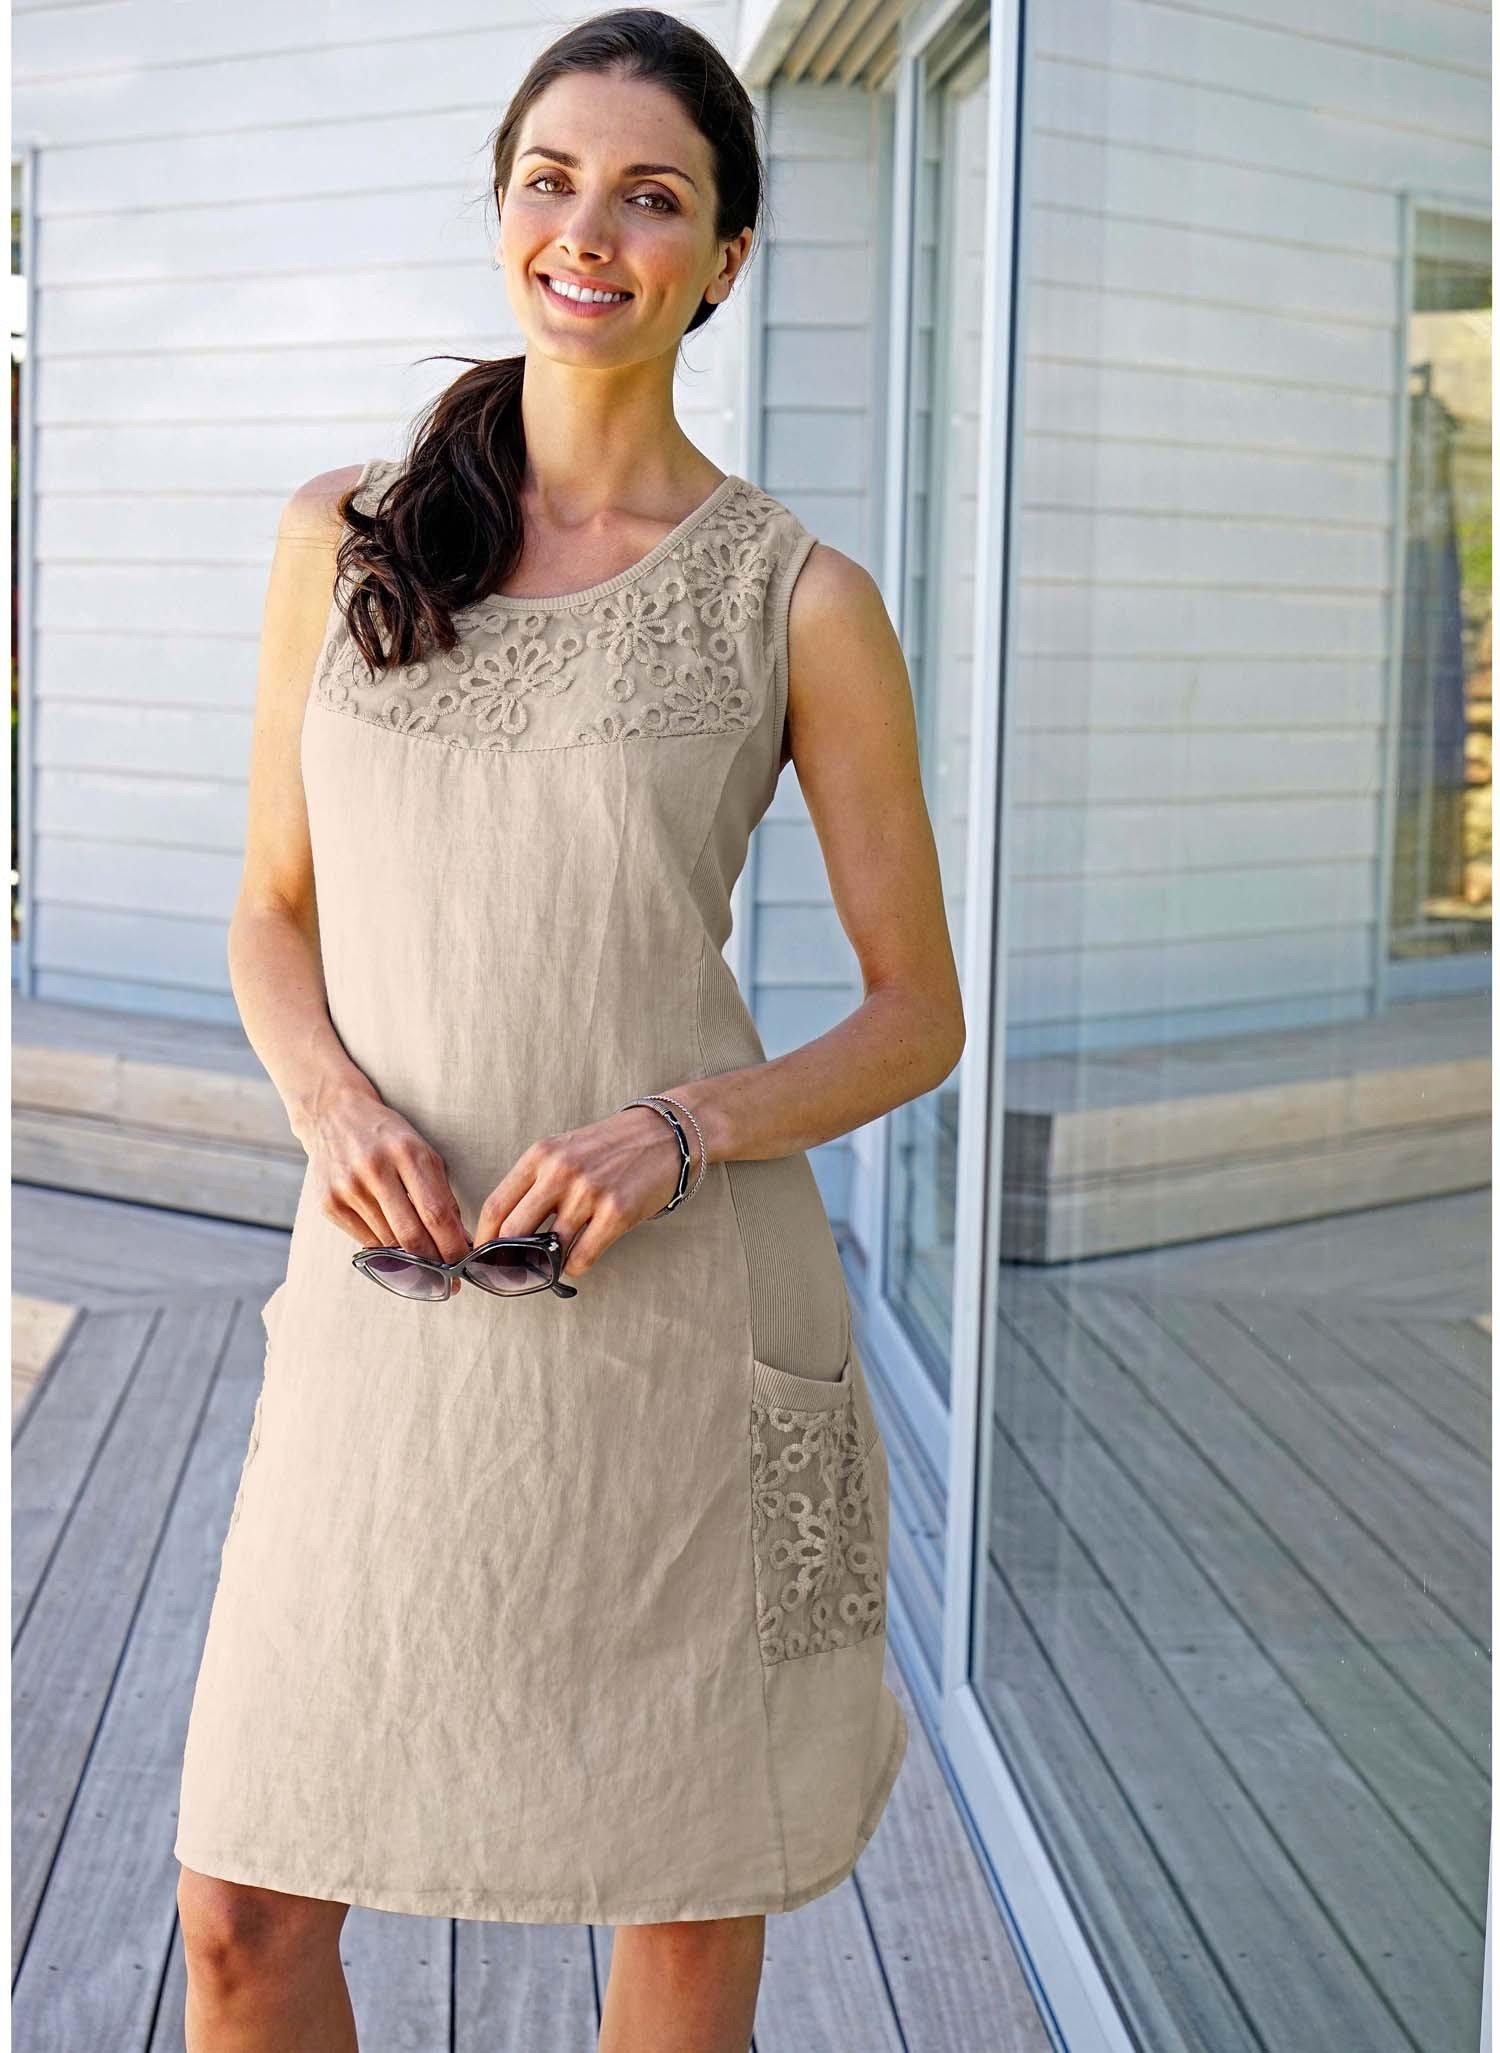 D-Leinen-Kleid,Floral natur L 081 - 2 - Ronja.ch